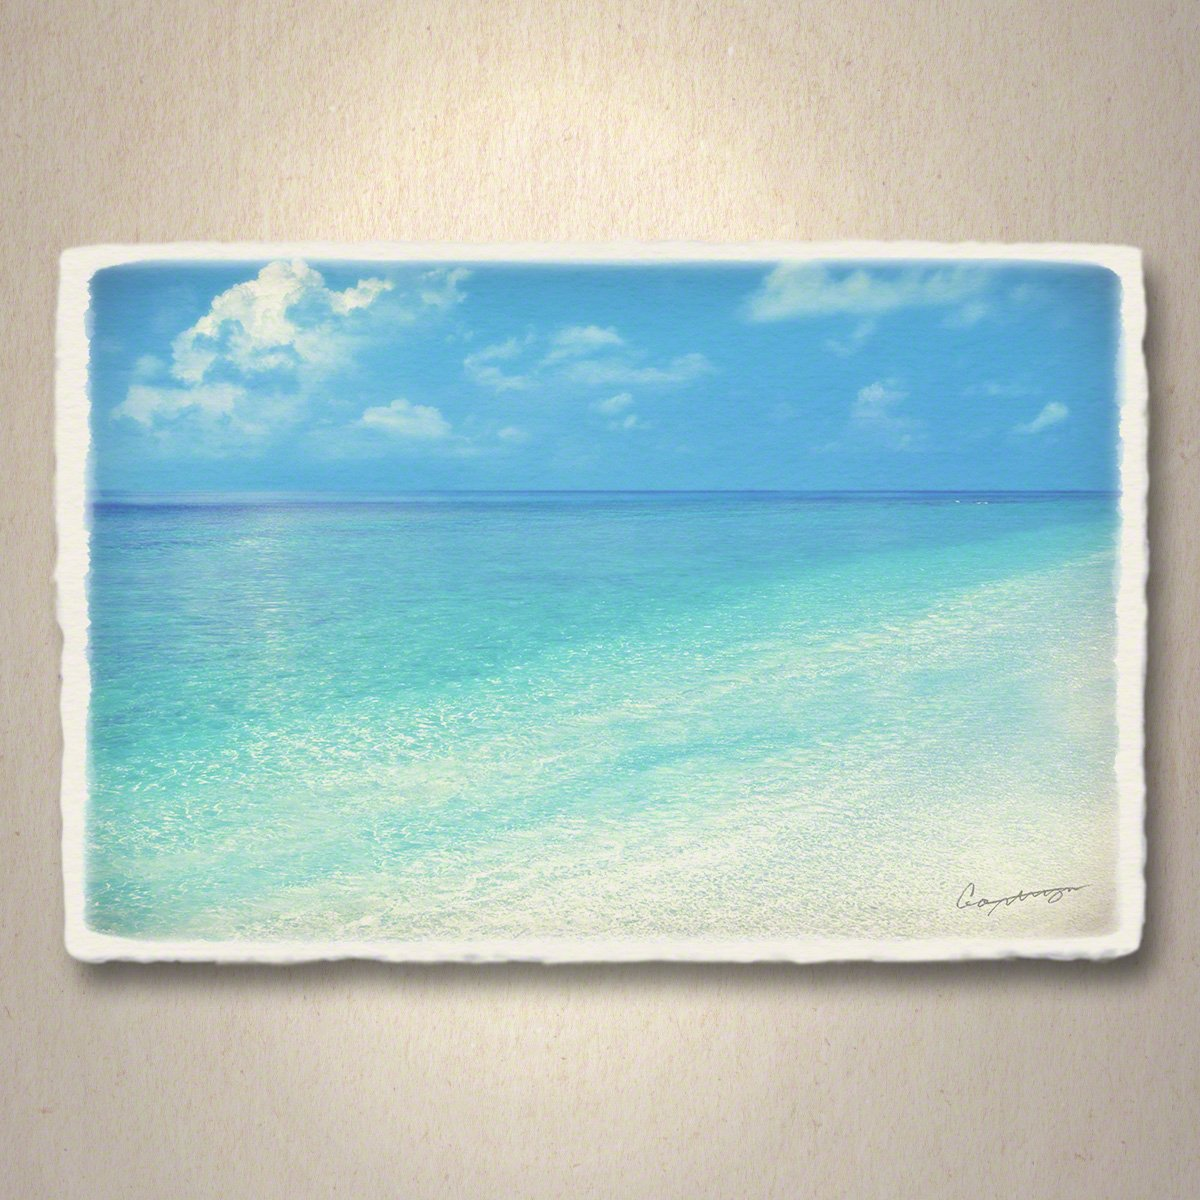 和紙 ポストカード 「珊瑚礁の波打際」 海 絵 絵画 壁掛け 壁飾り インテリア アート B074ZLRV56 01.ポストカード 300円|珊瑚礁の波打際 珊瑚礁の波打際 01.ポストカード 300円